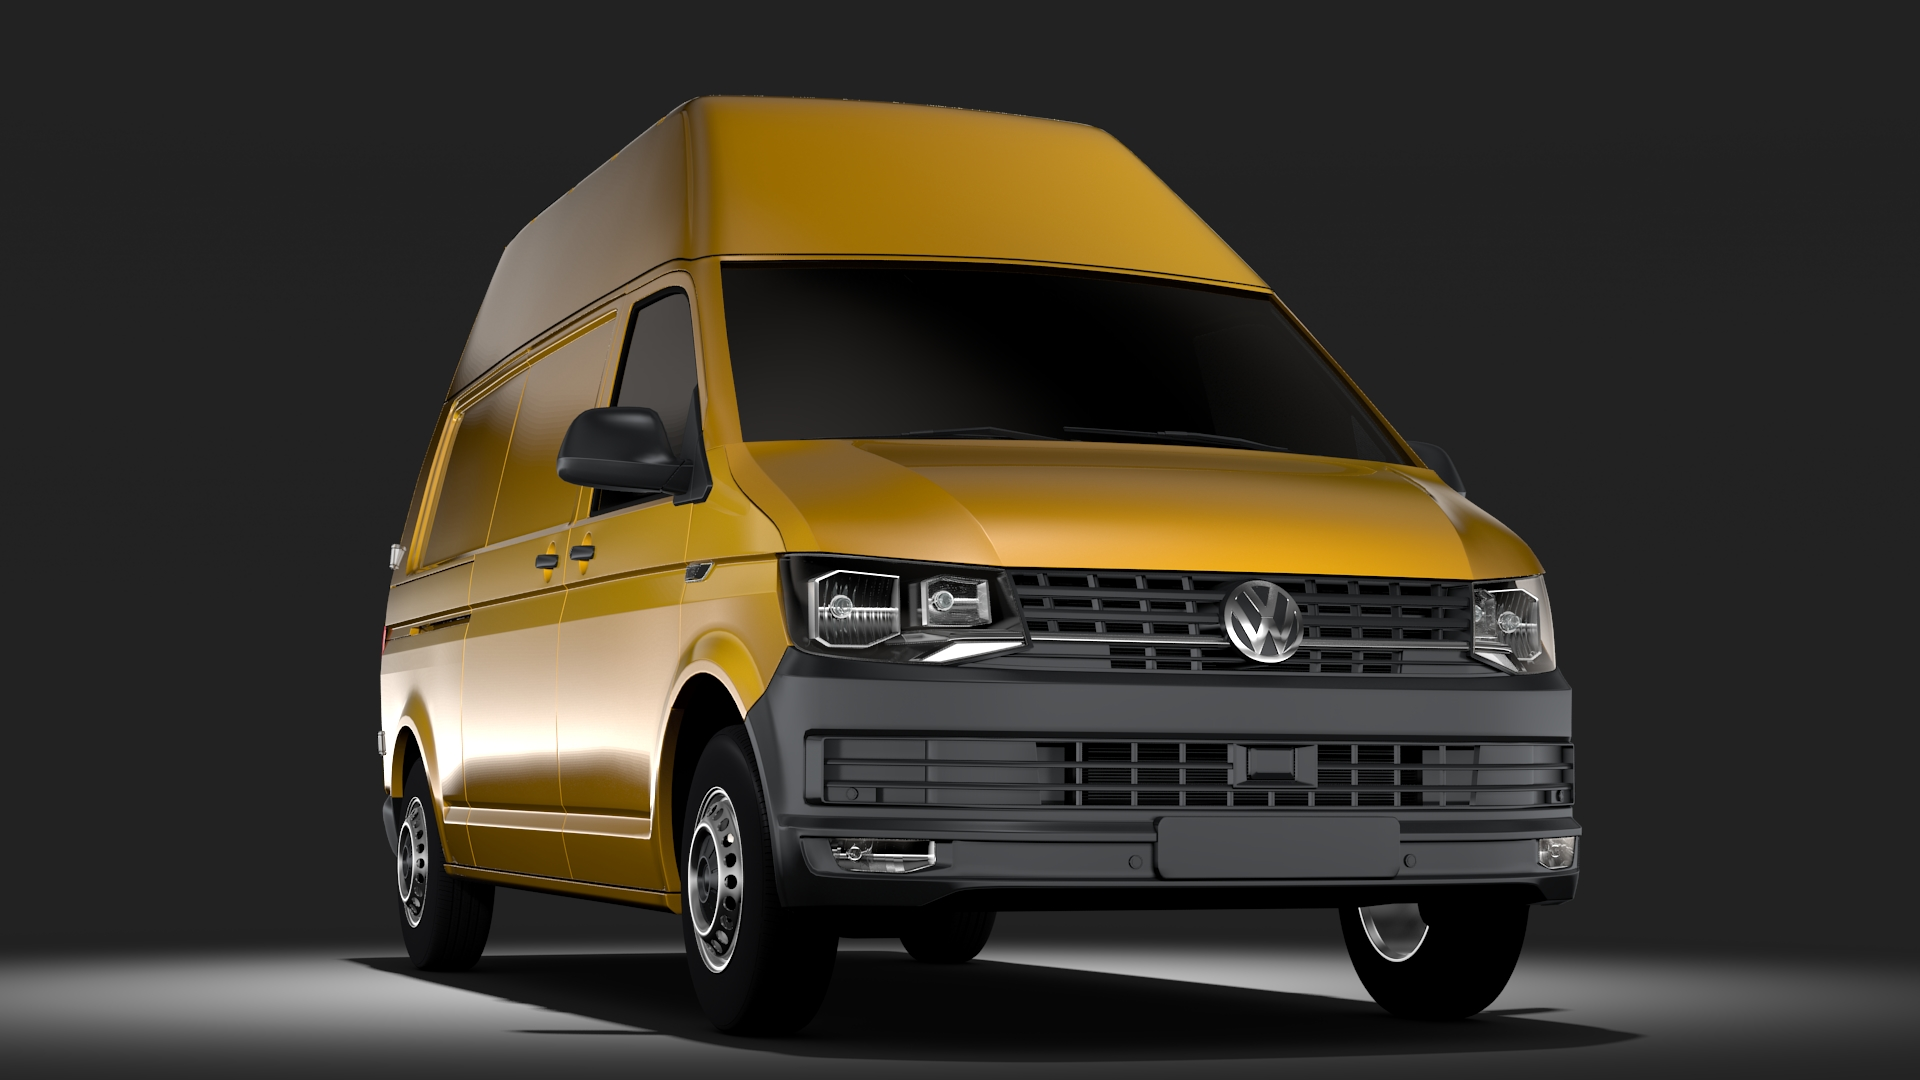 volkswagen transporter van l2h3 t6 2017 model 3d max fbx c4d am fwy o wybodaeth ar gyfer 275288